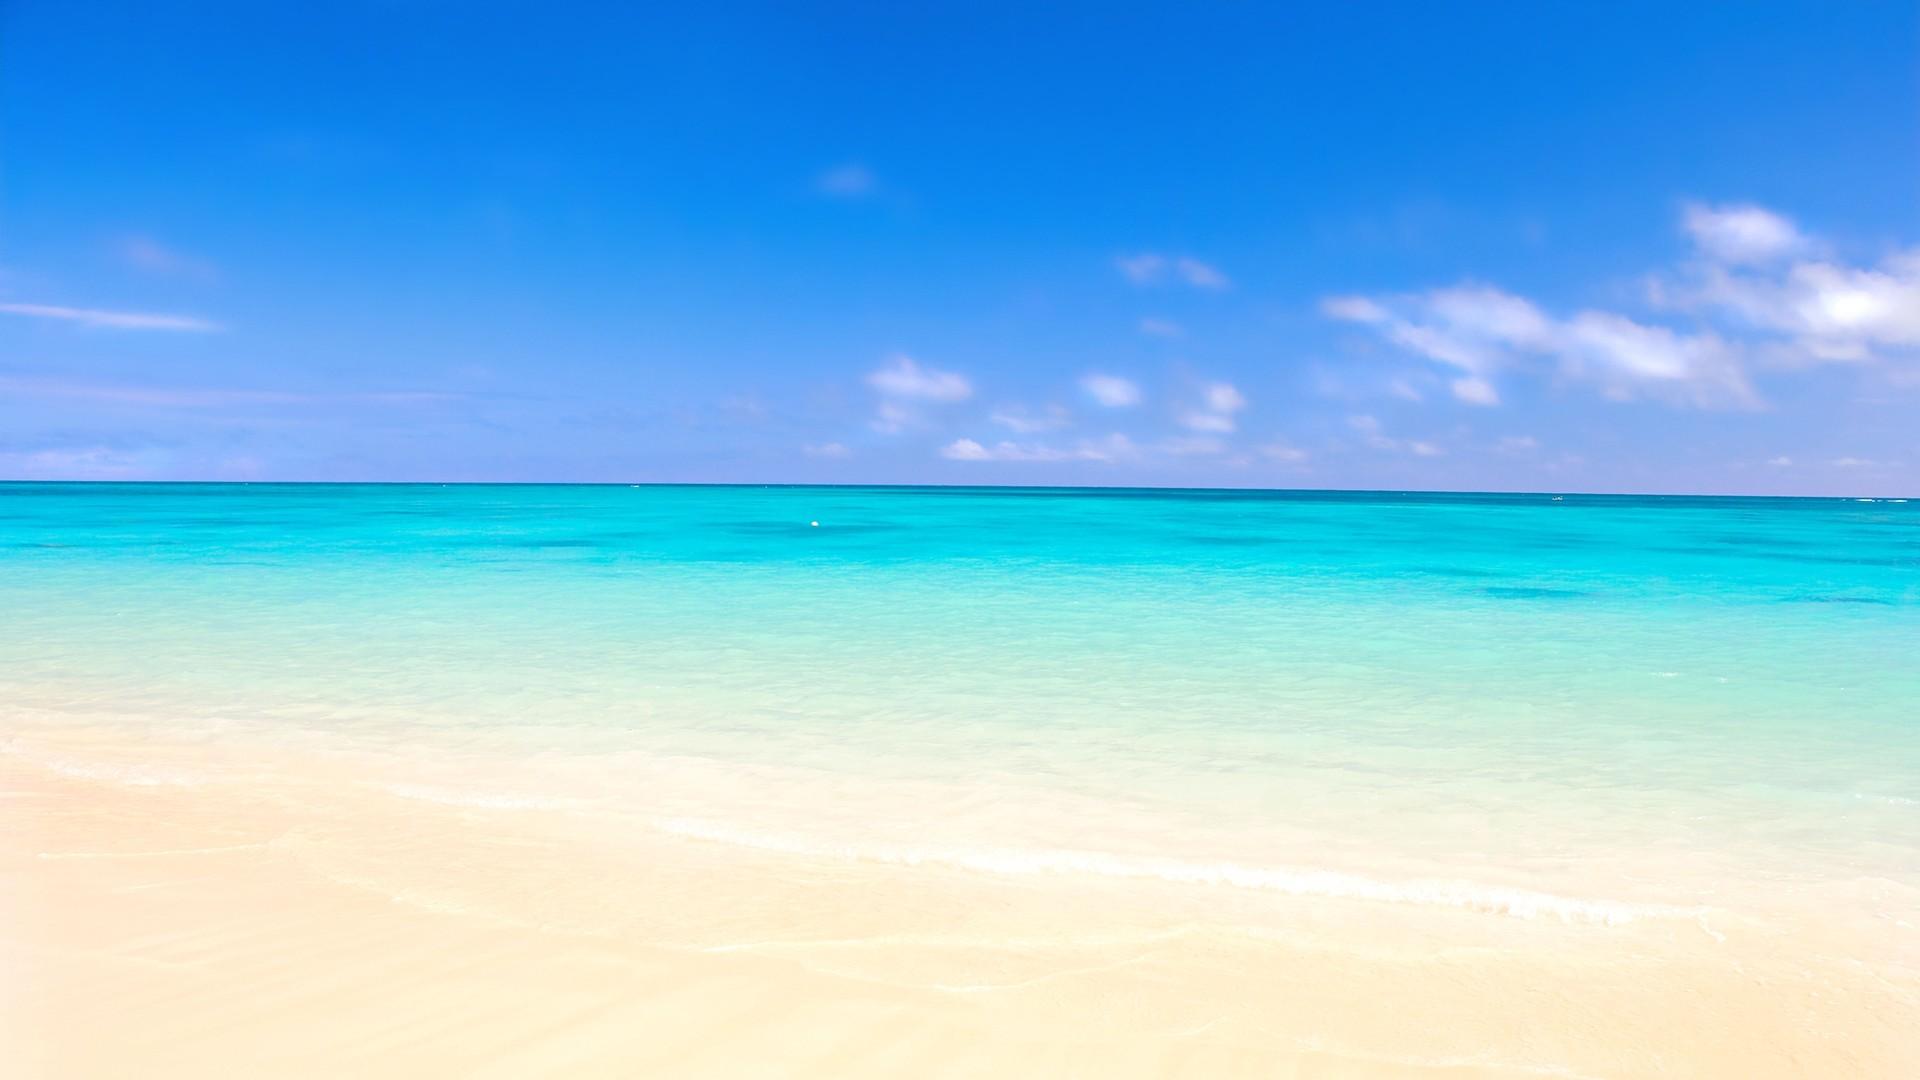 Wallpaper ocean, sand, beach